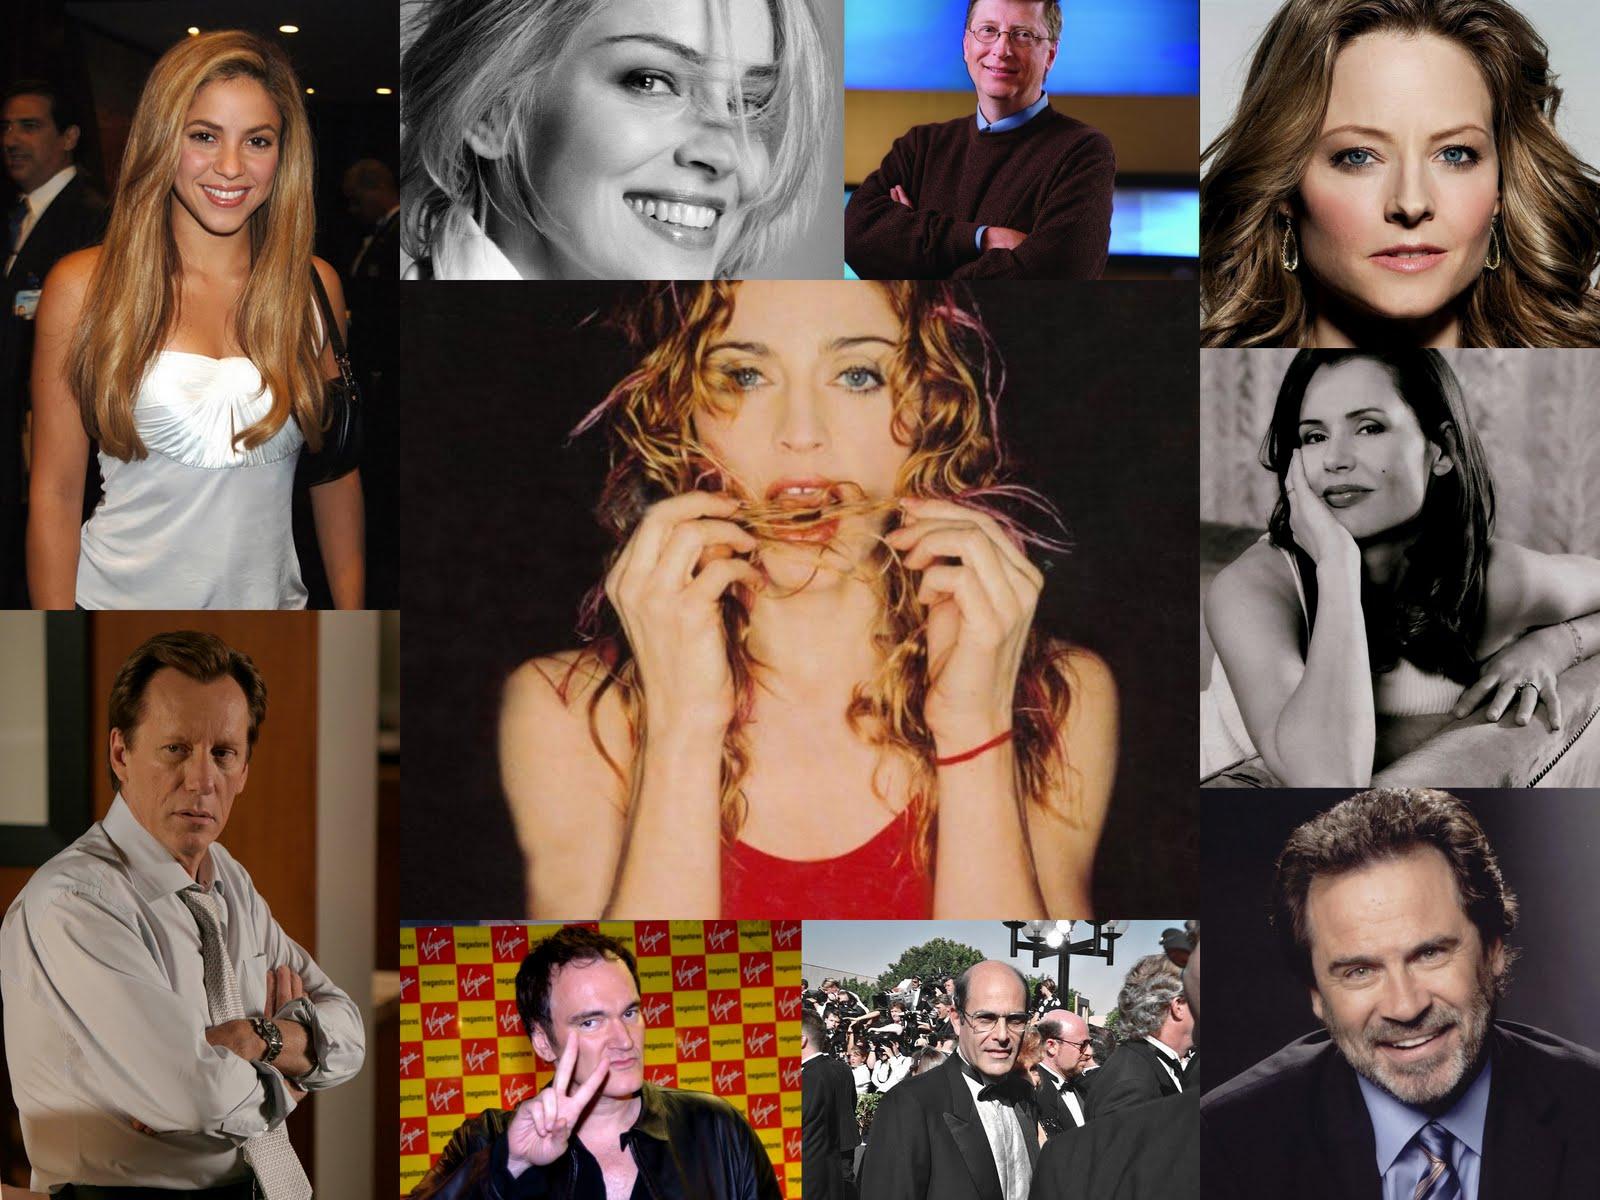 http://2.bp.blogspot.com/_uppBcPZcTUA/TL5LzMXNssI/AAAAAAAAAsI/6_BhfLIO8vU/s1600/Fotos+Madonna+20091.jpg